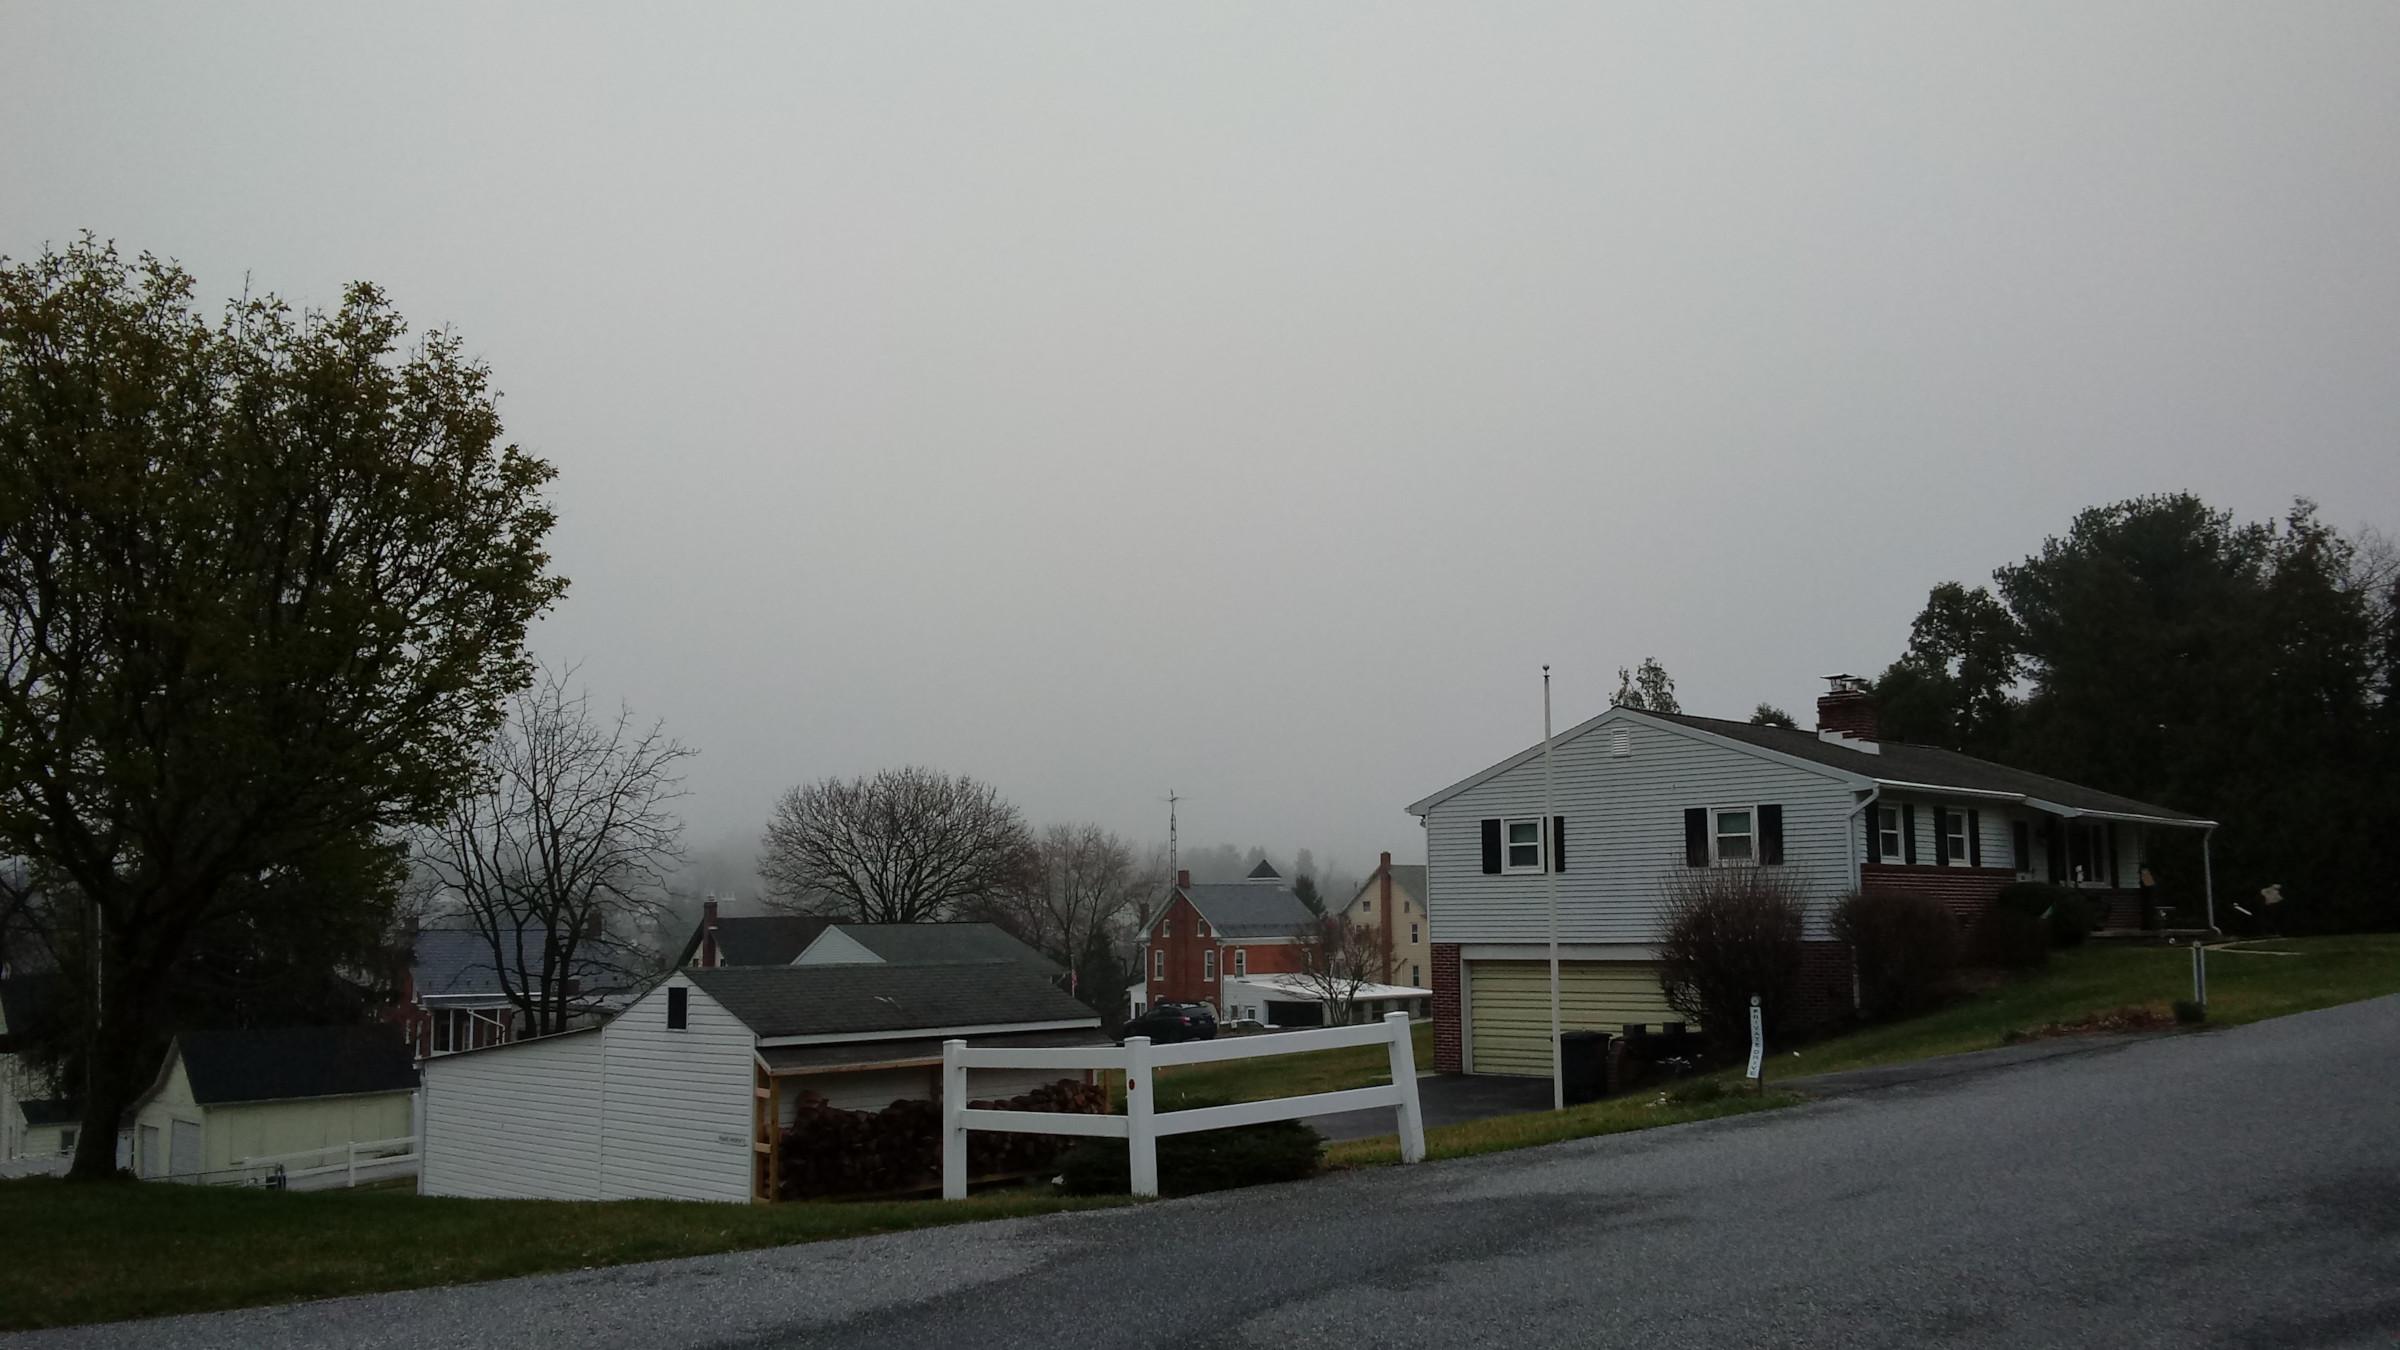 Yoe, lost in the fog